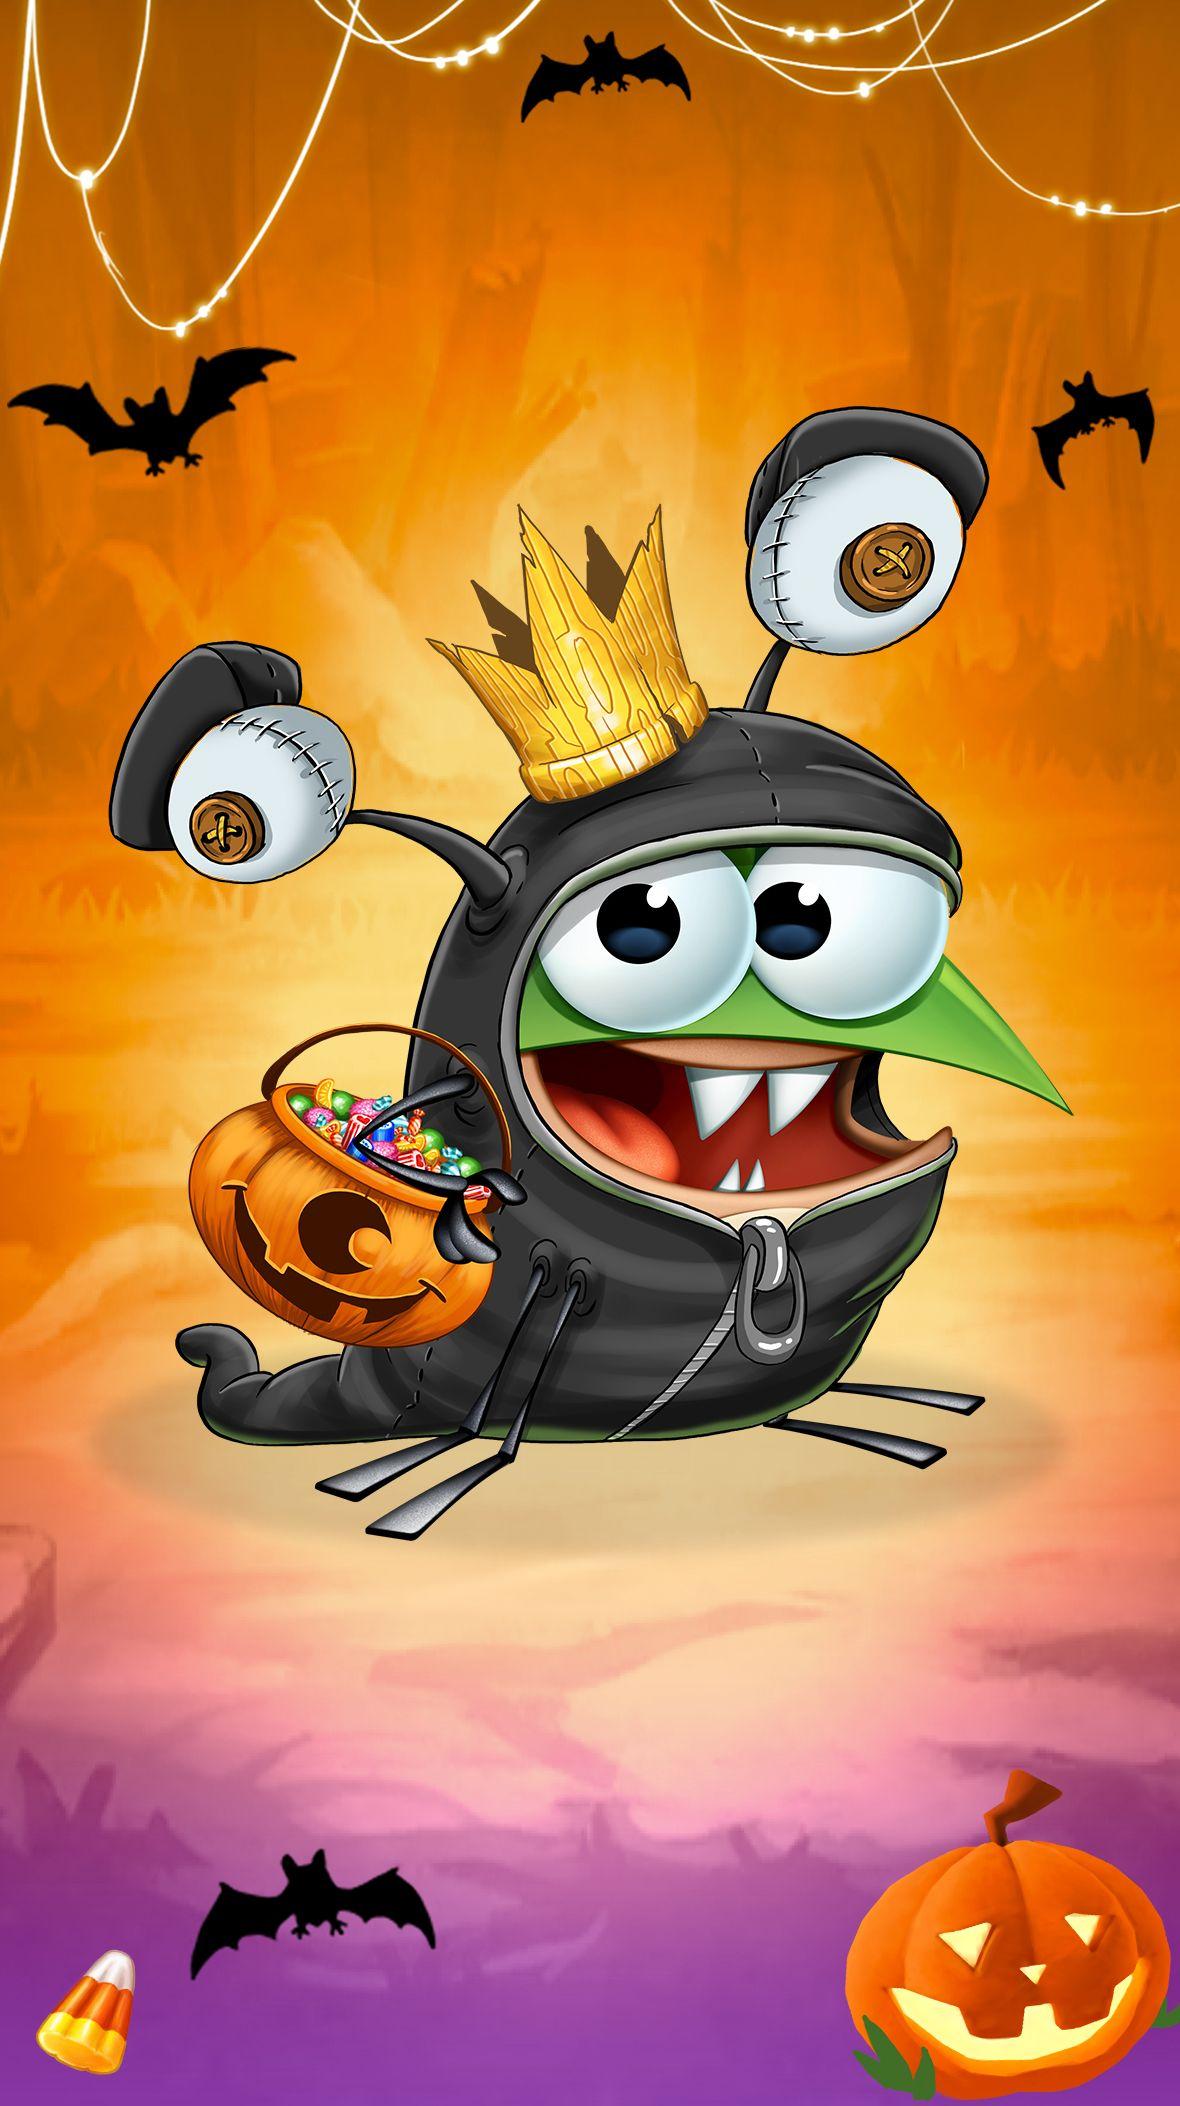 Best Fiends Halloween 2020 Pin by Felix Scorpio on Friends wallpaper in 2020   Best fiends